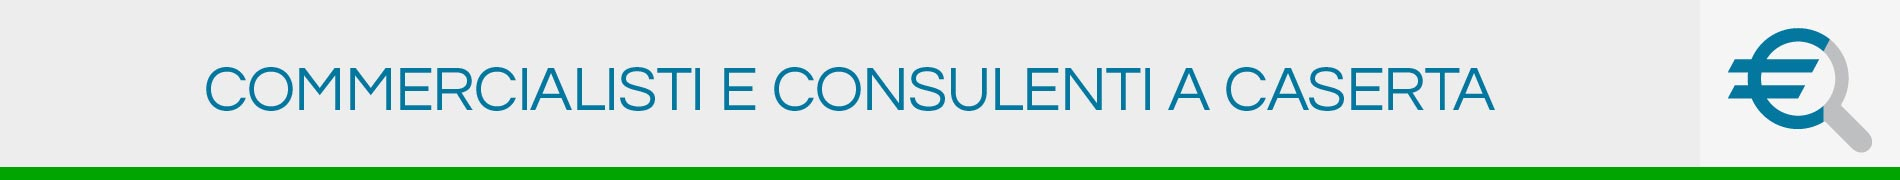 Commercialisti e Consulenti a Caserta